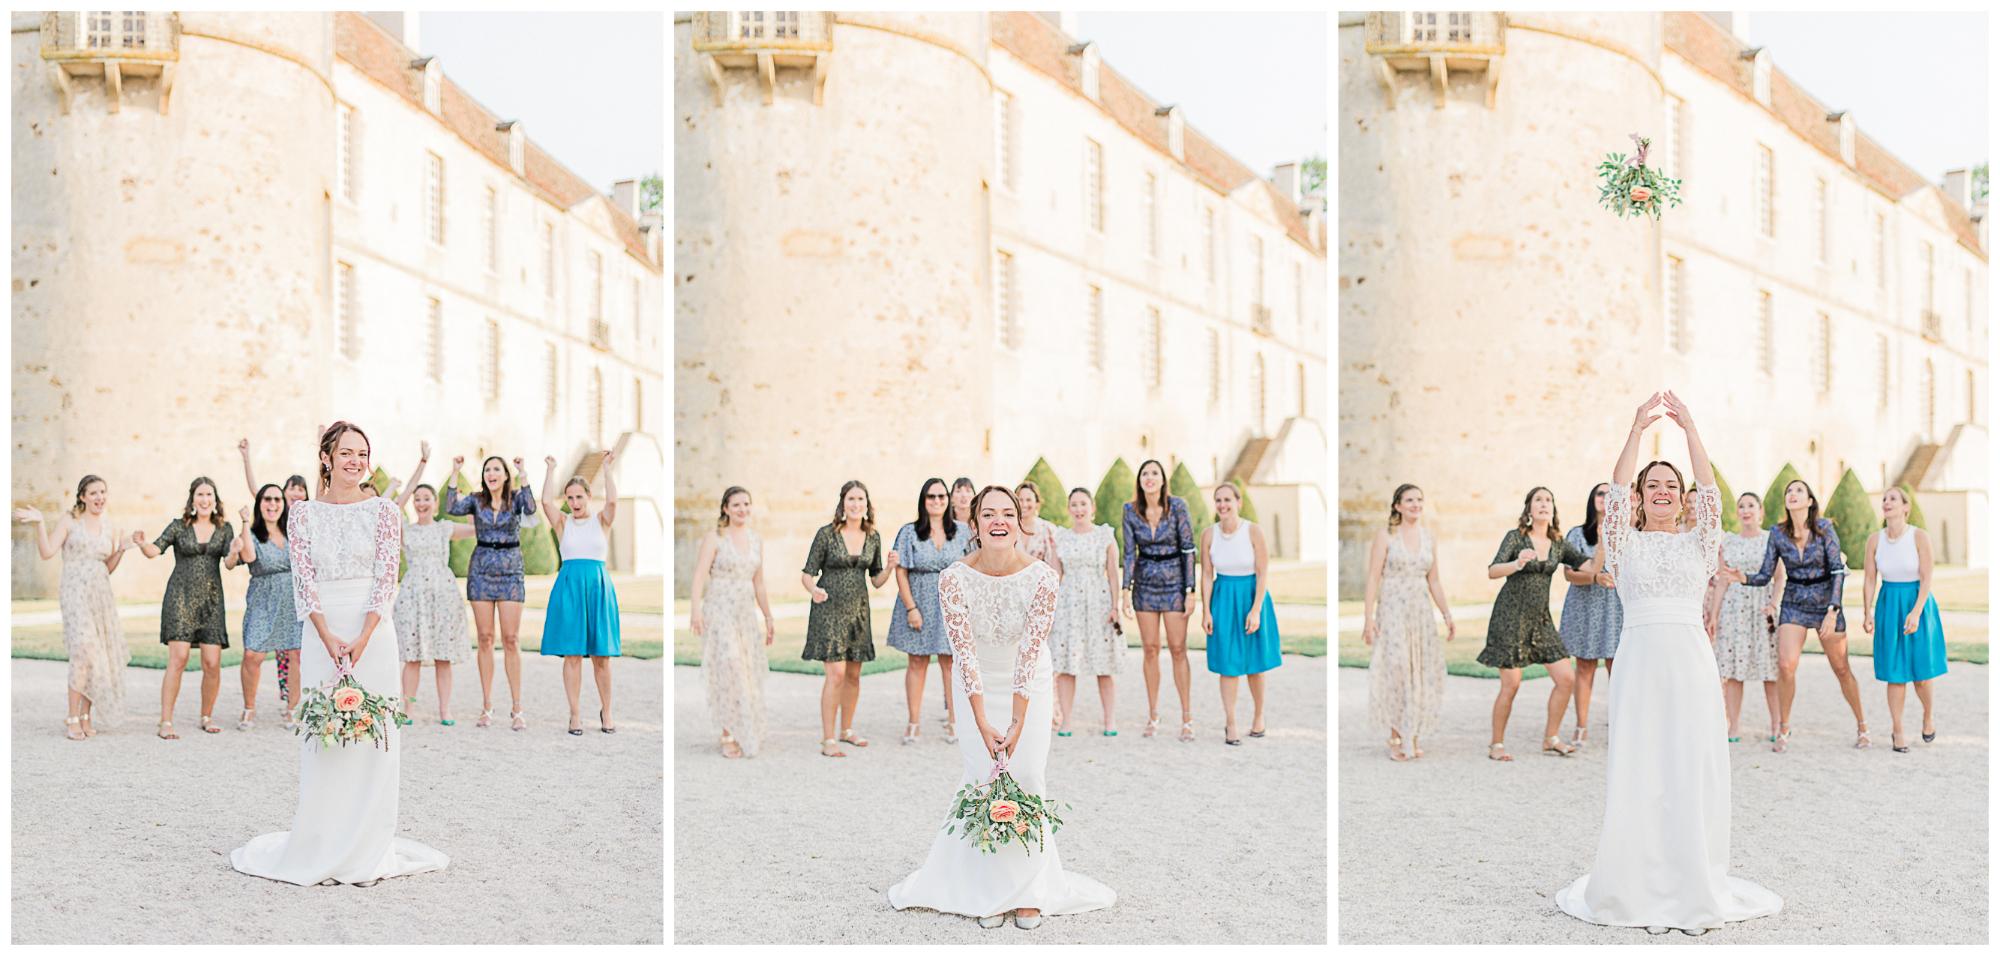 priscillapuzenat-photographe-mariage-bazoches-chateau-nievre-morvan-bourgogne-lancer-bouquet